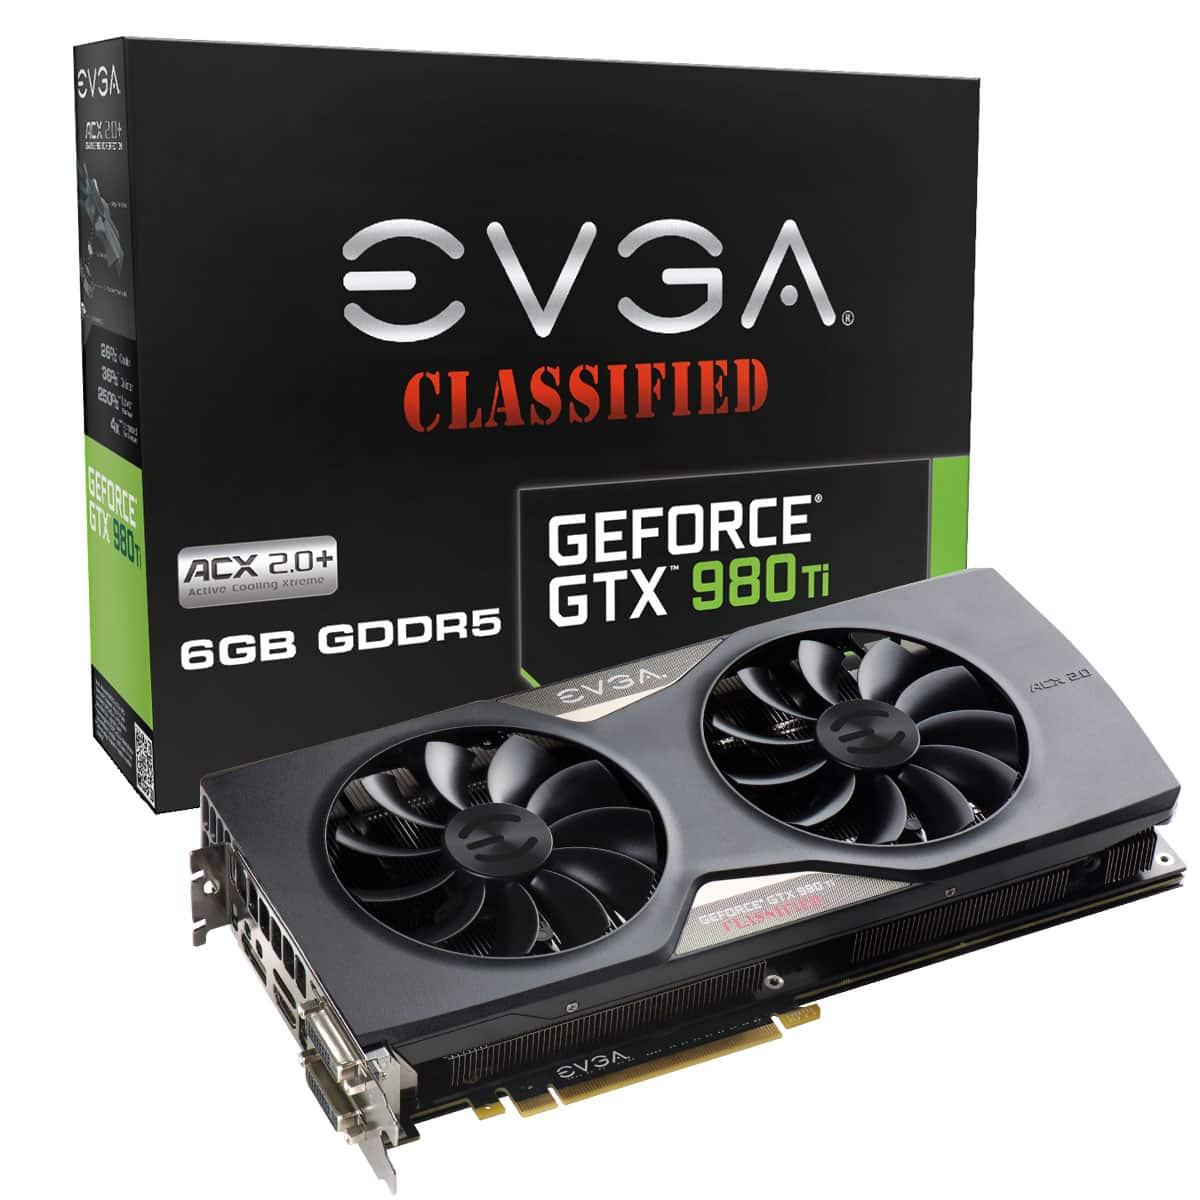 EVGA GeForce GTX 980Ti Classified